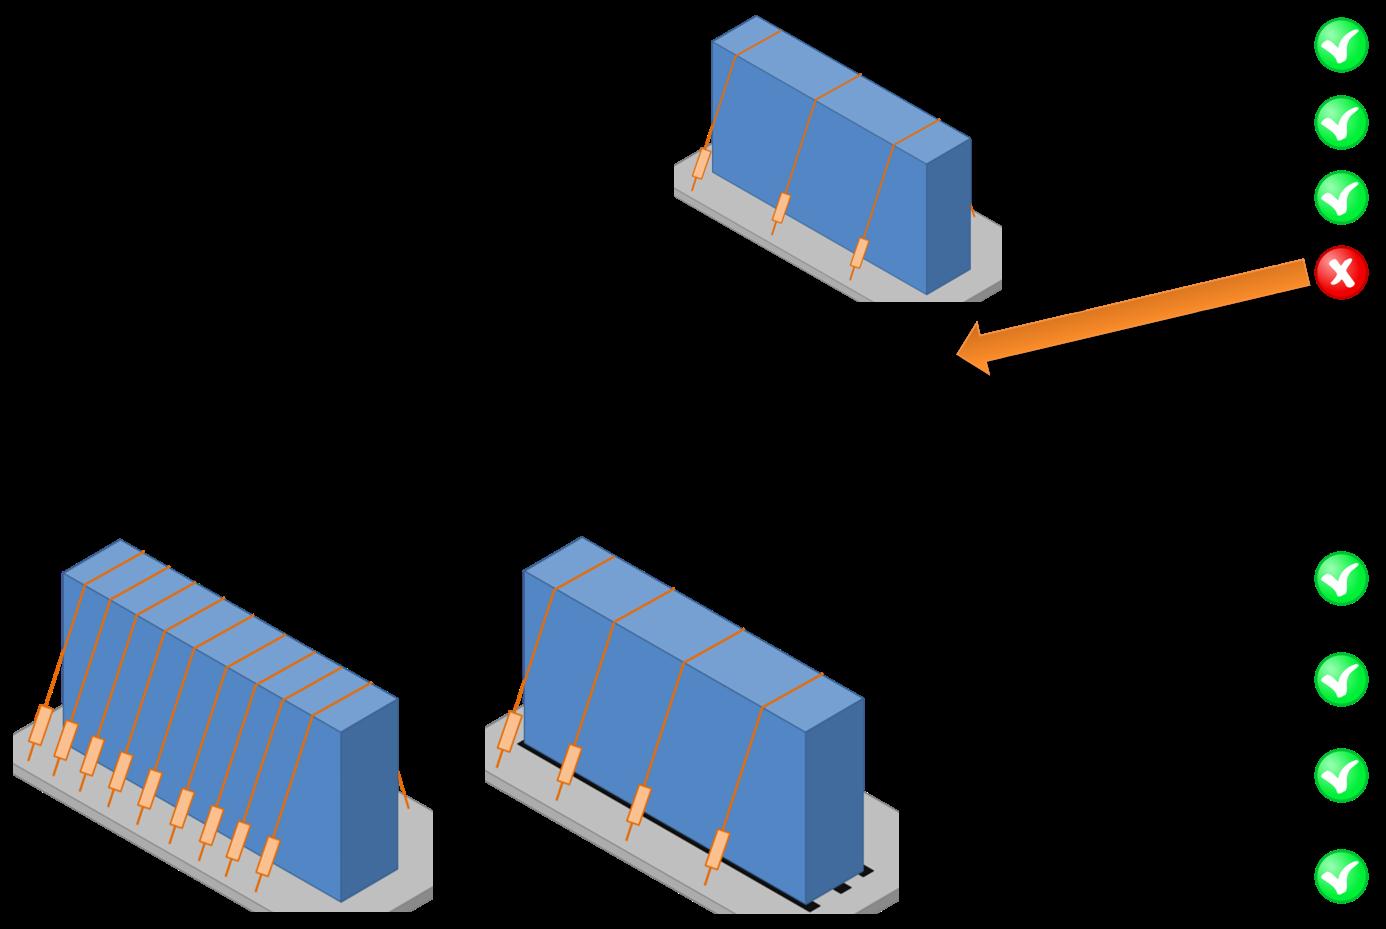 Schema seguito per il fissaggio del carico, cassa non stabile senza ancoraggio